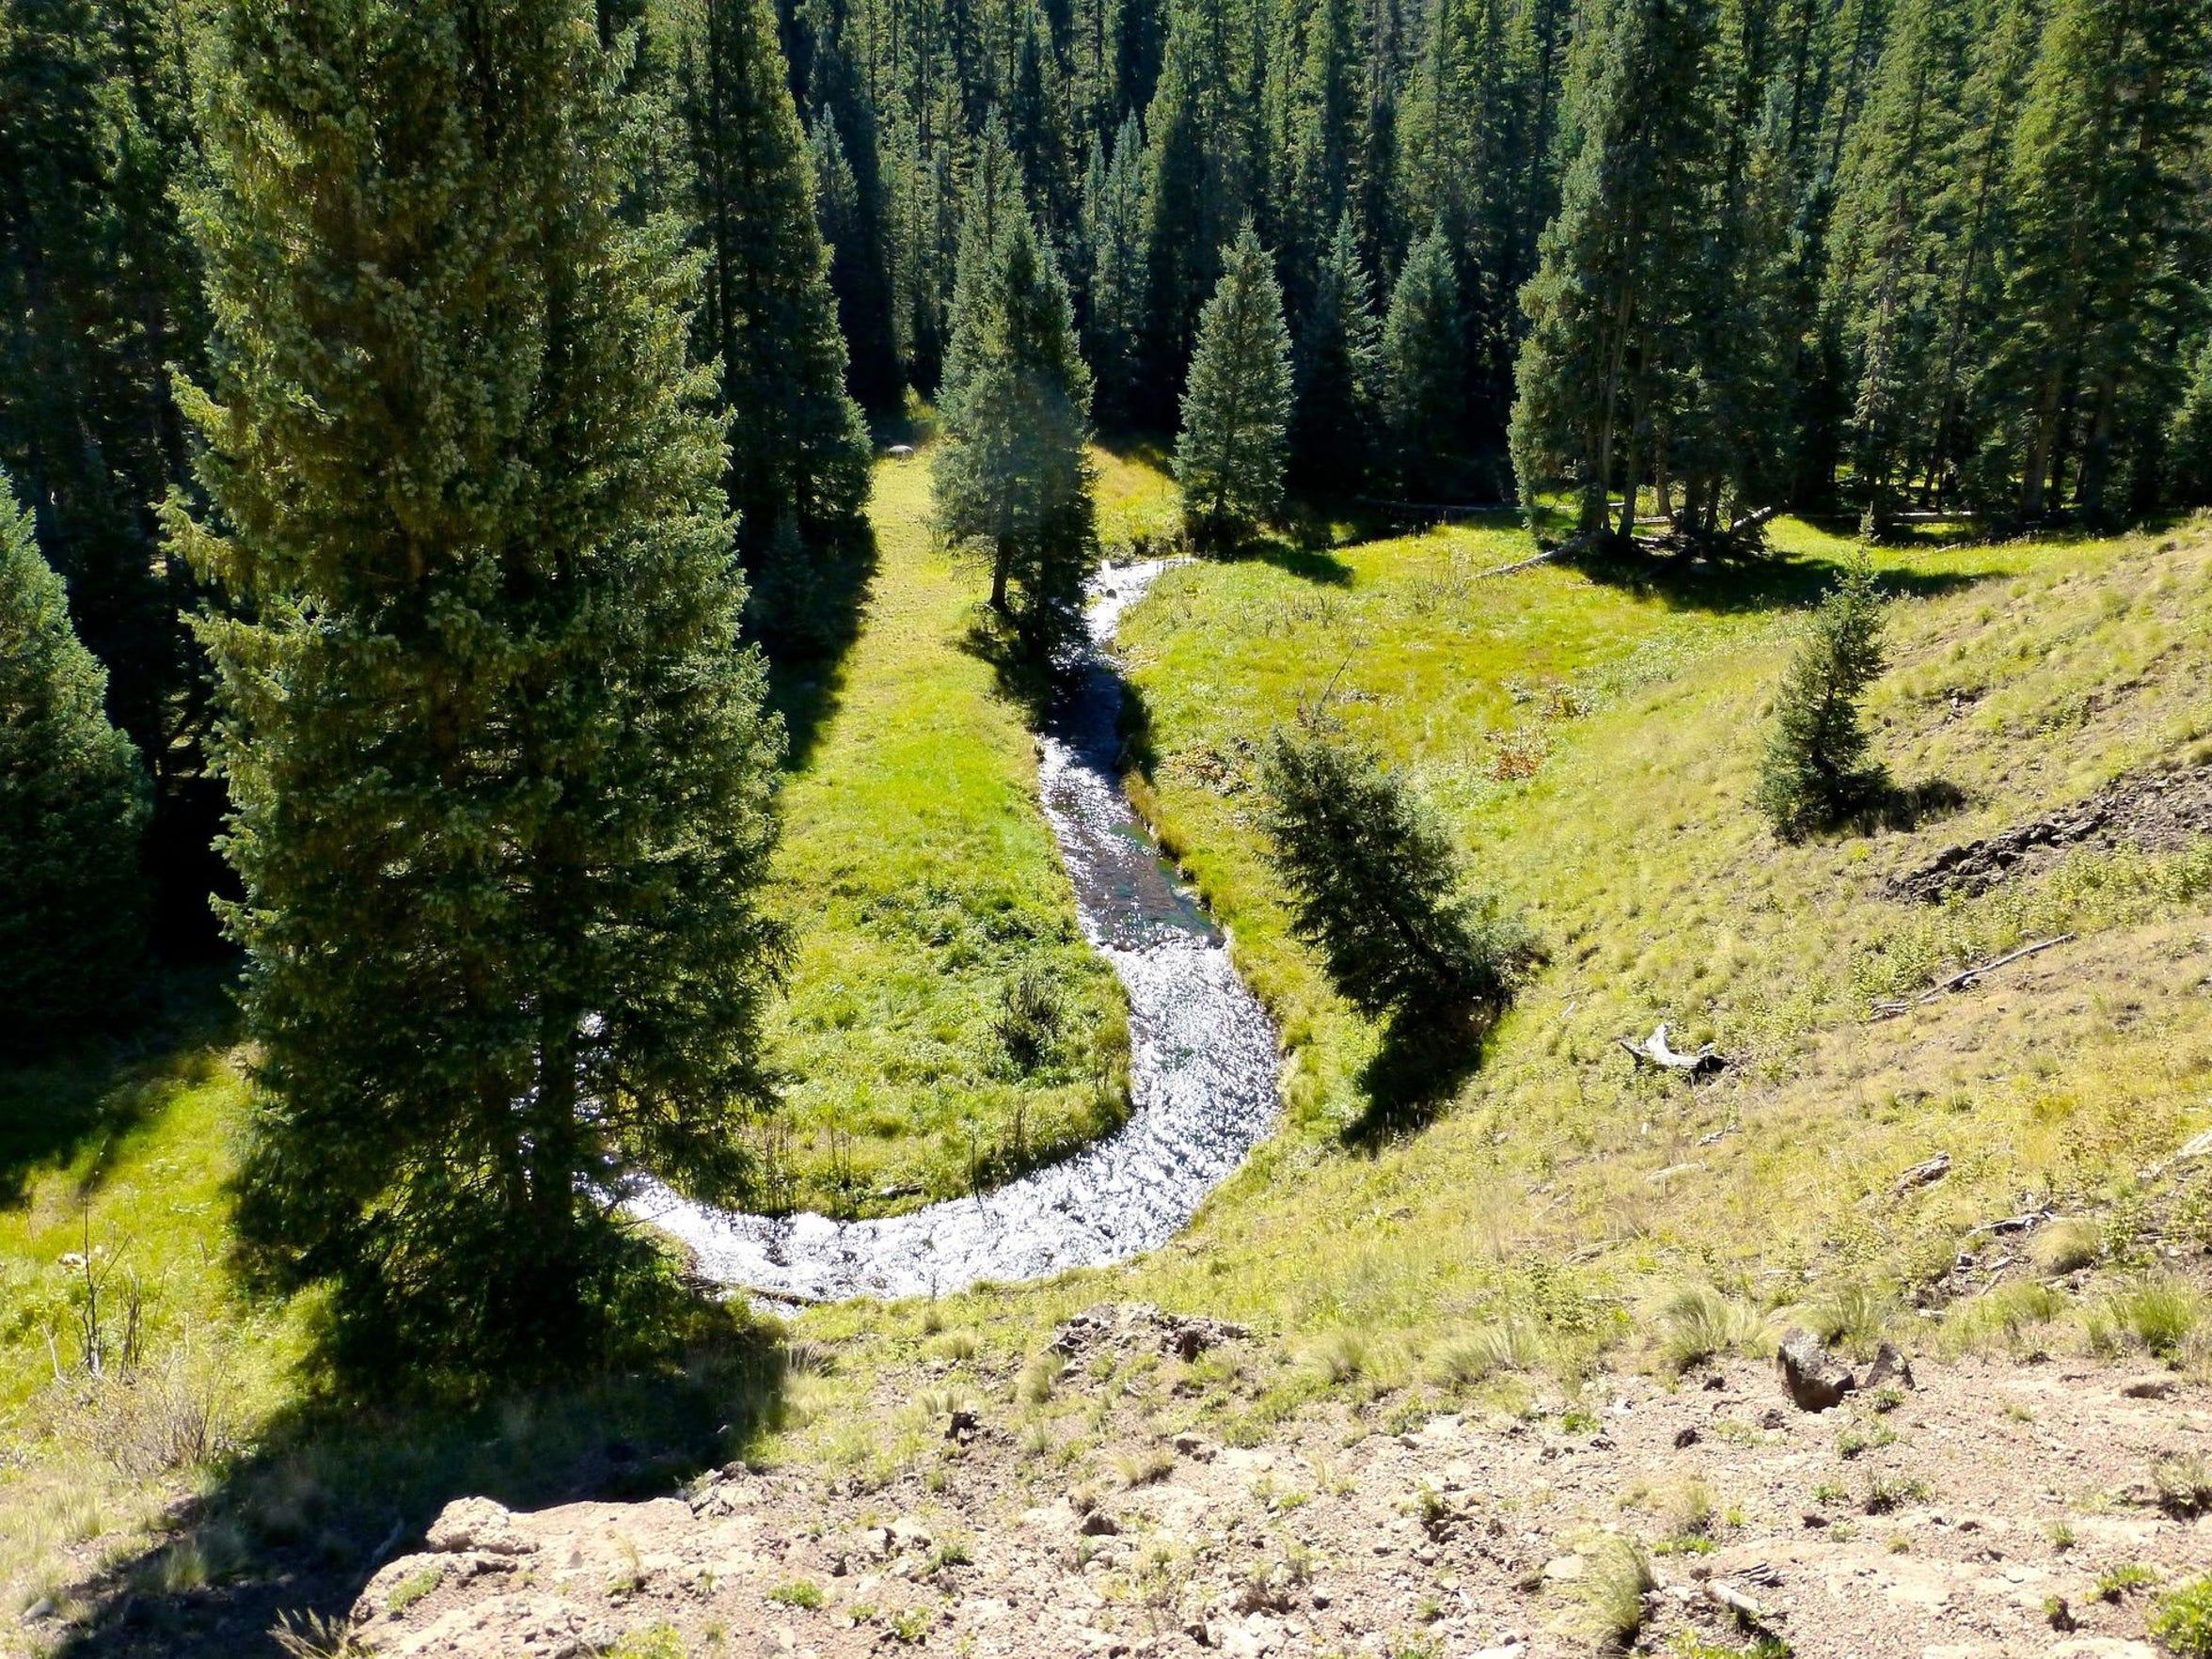 El pequeño río Colorado comienza en lo alto de las laderas del monte Baldy.